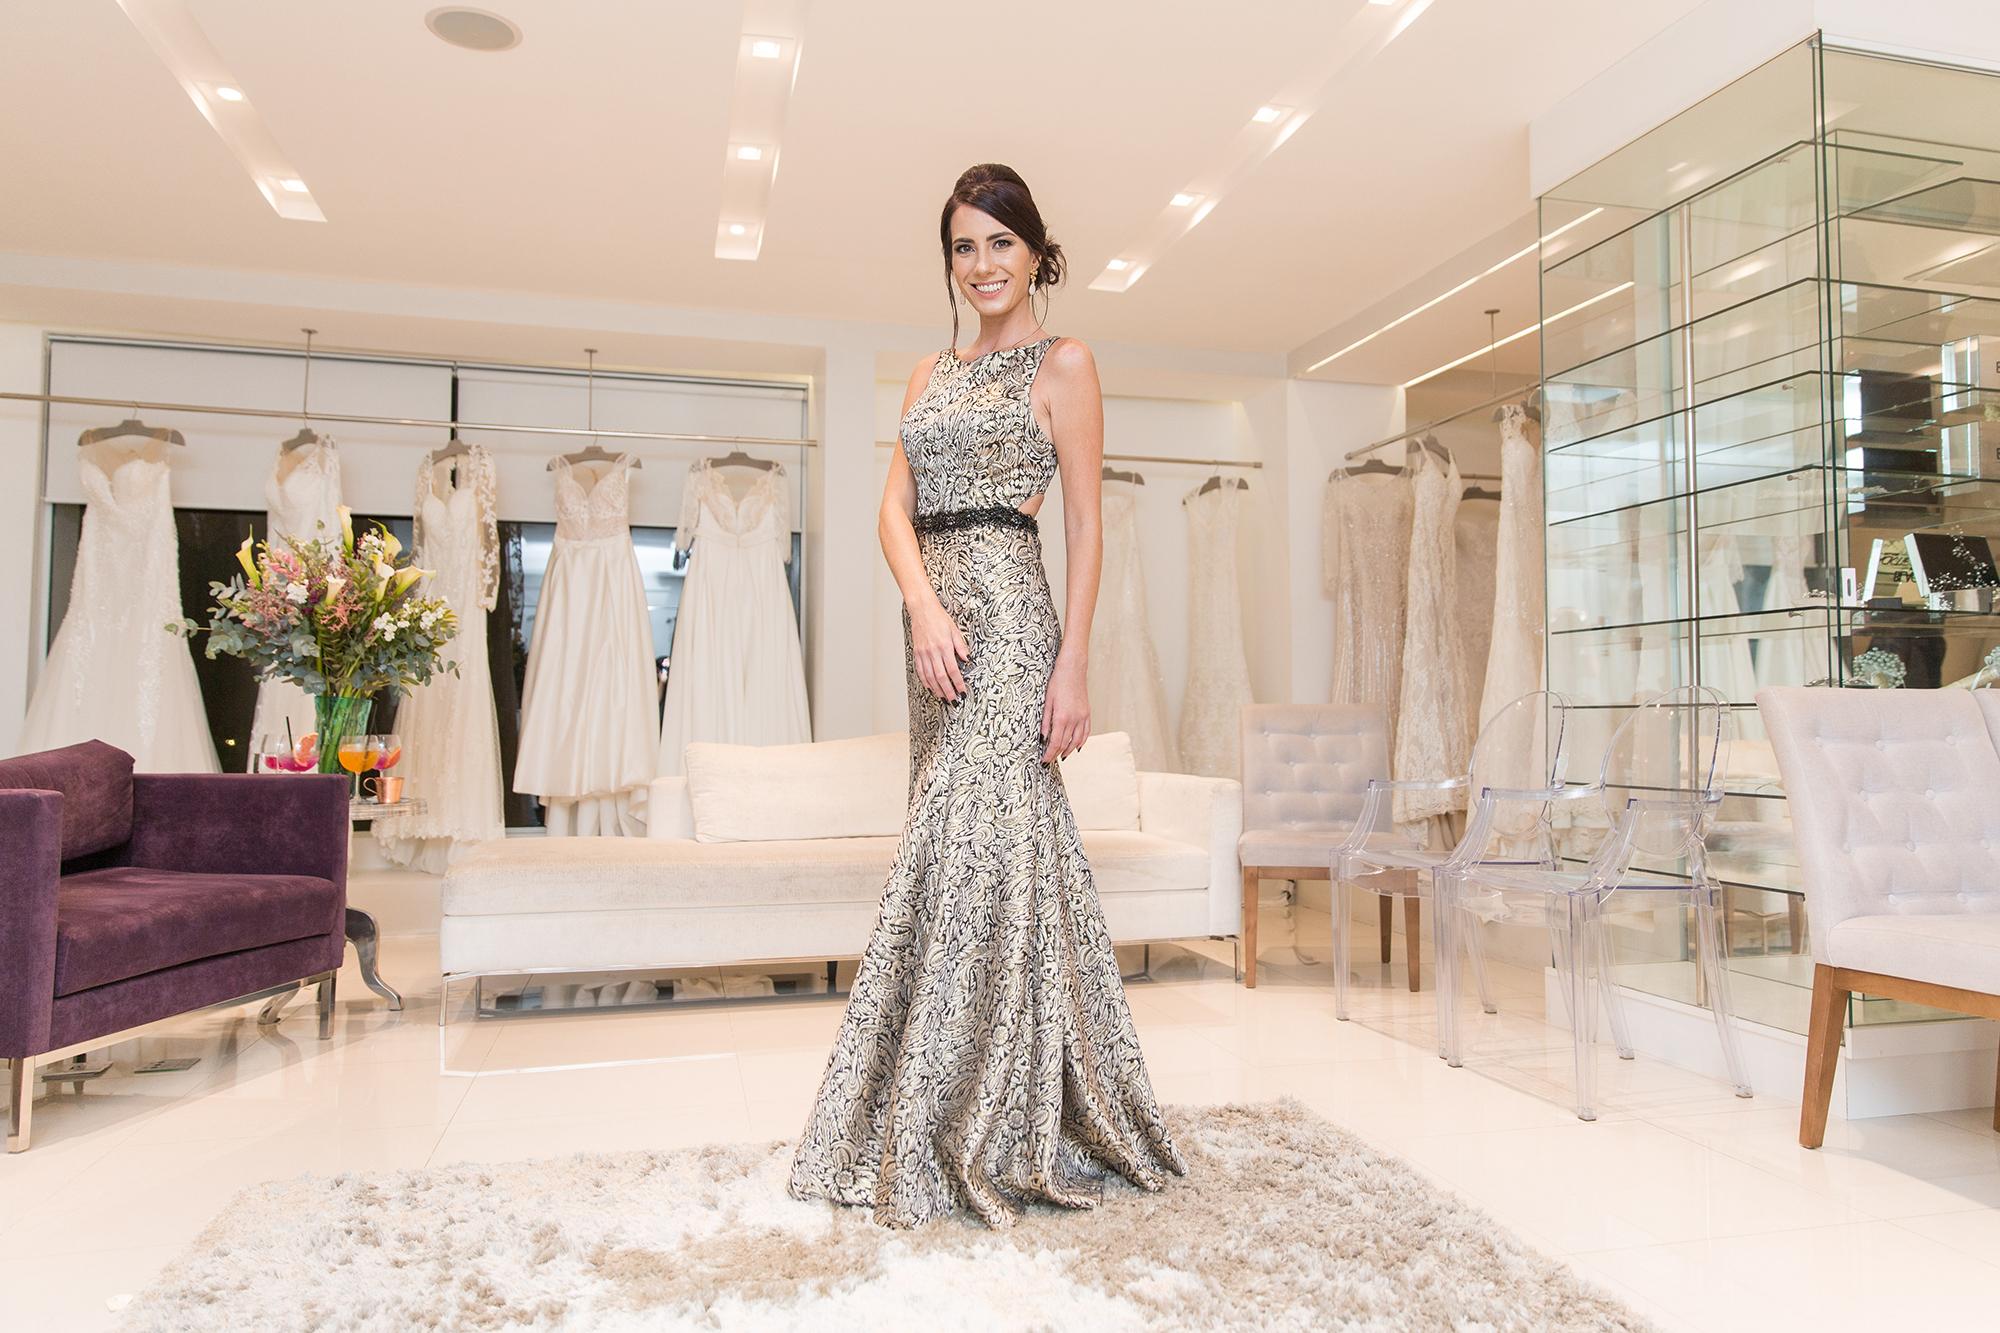 6 lojas de aluguel de vestidos em São Paulo para madrinhas